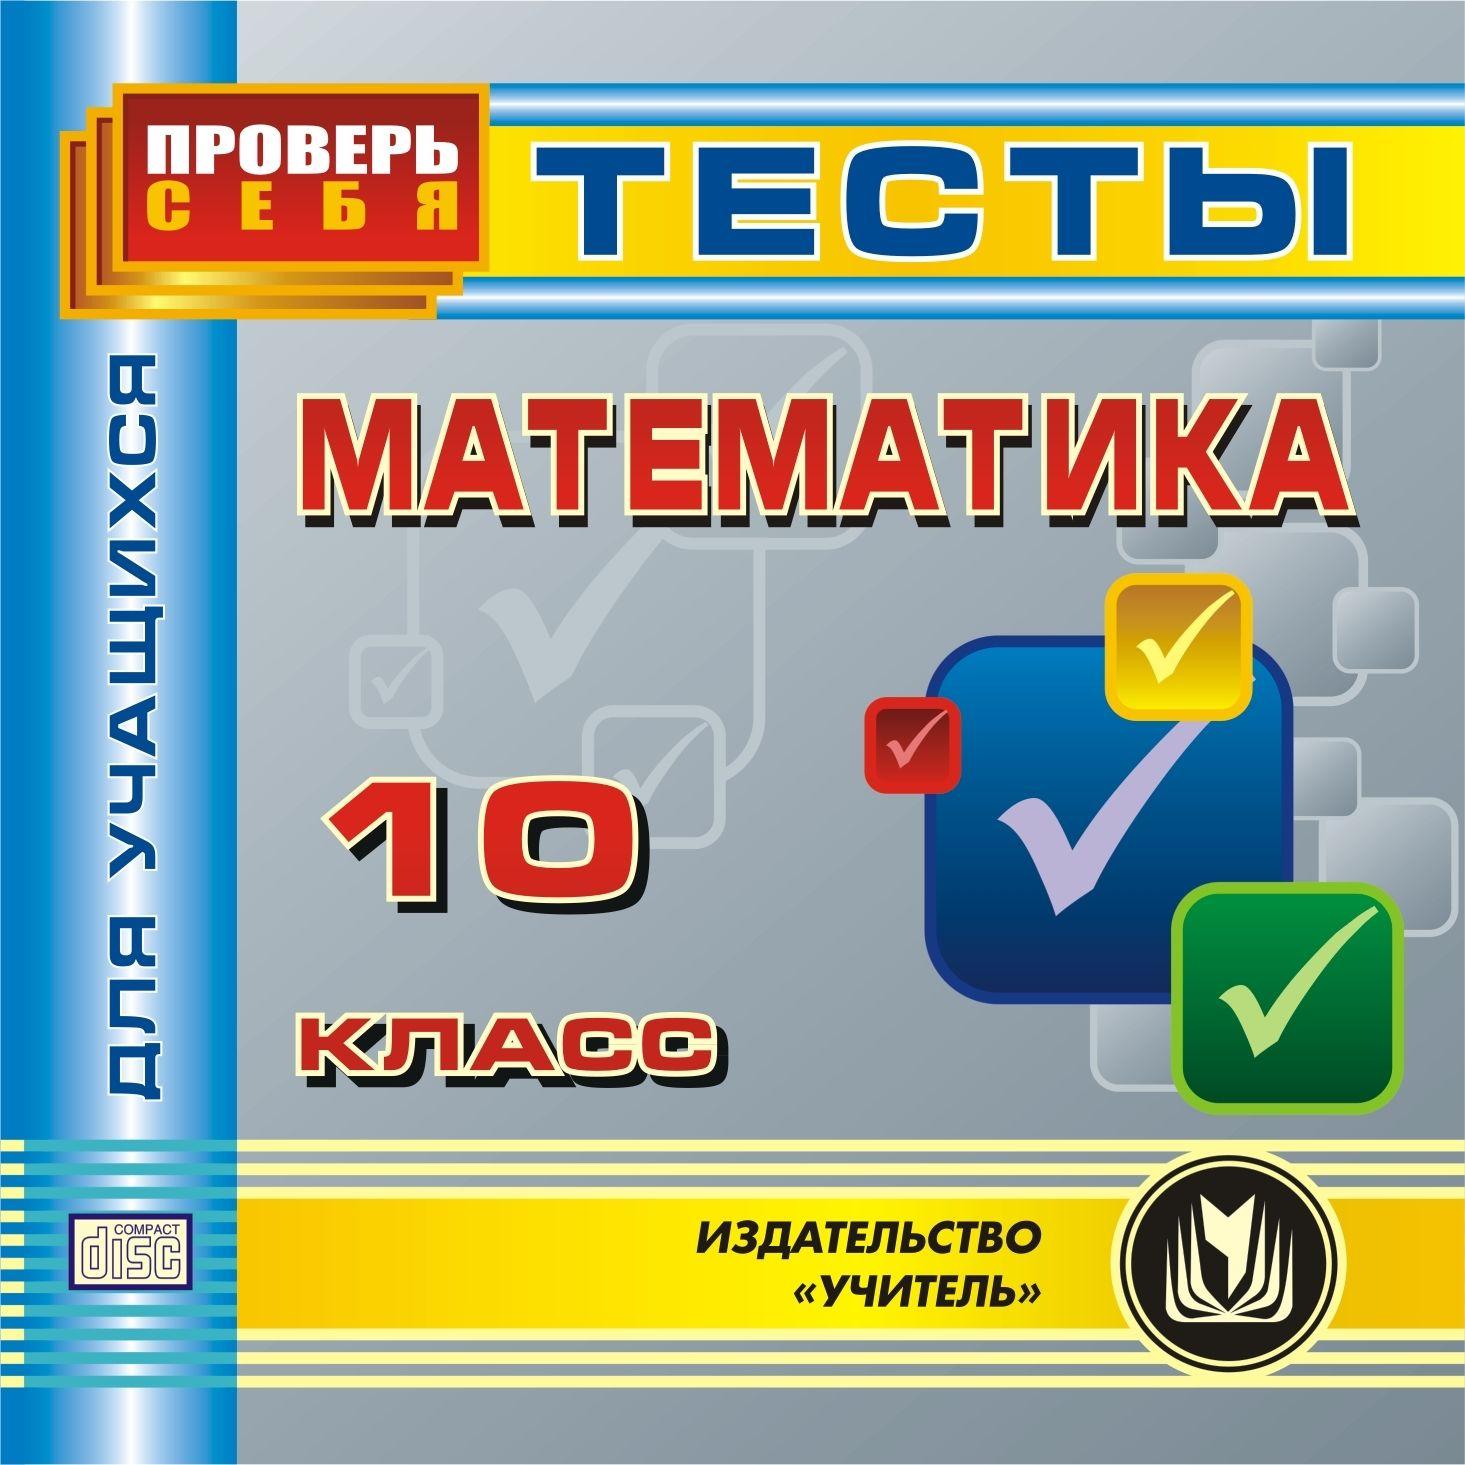 Математика. 10 класс. Тесты для учащихся. Компакт-диск компьютера